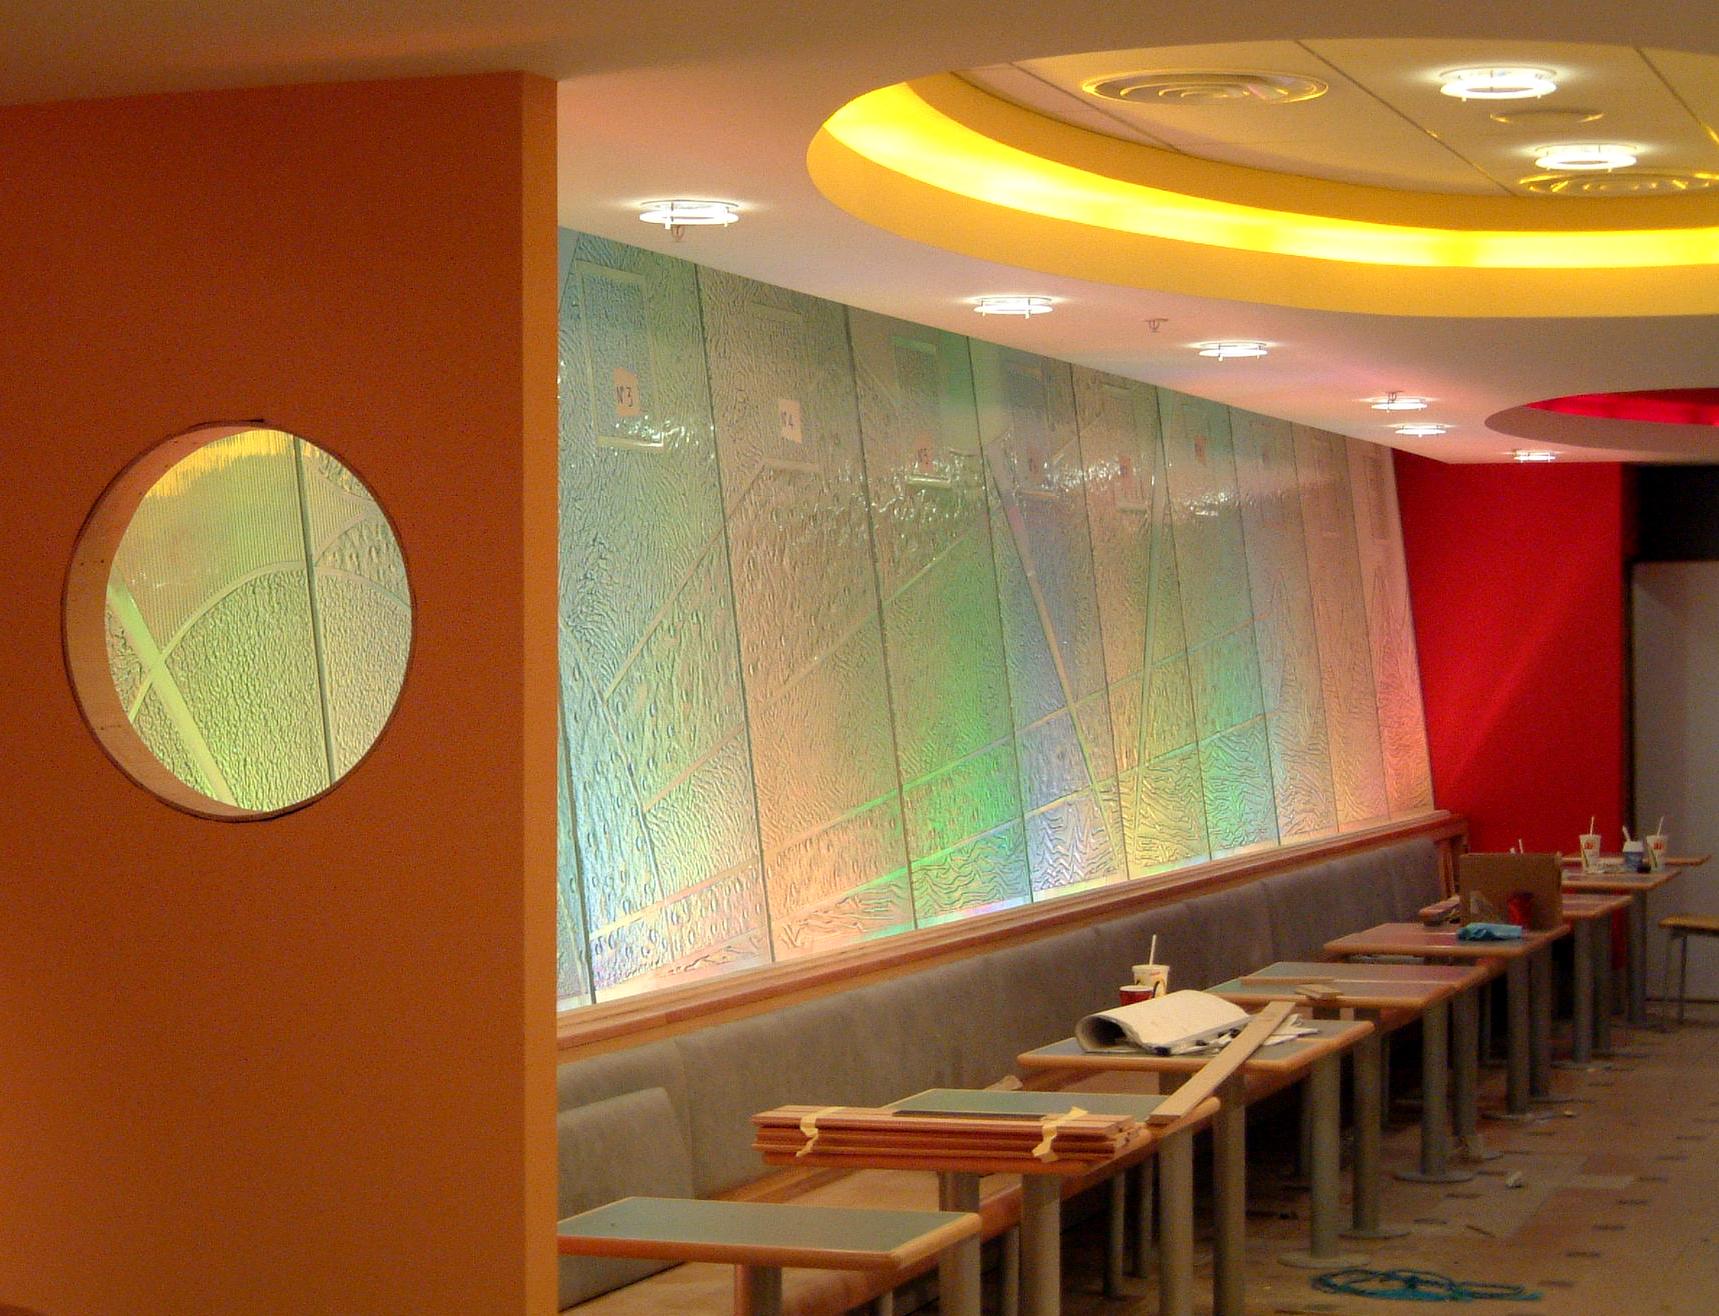 Leeds Mcdonald's Restaurant